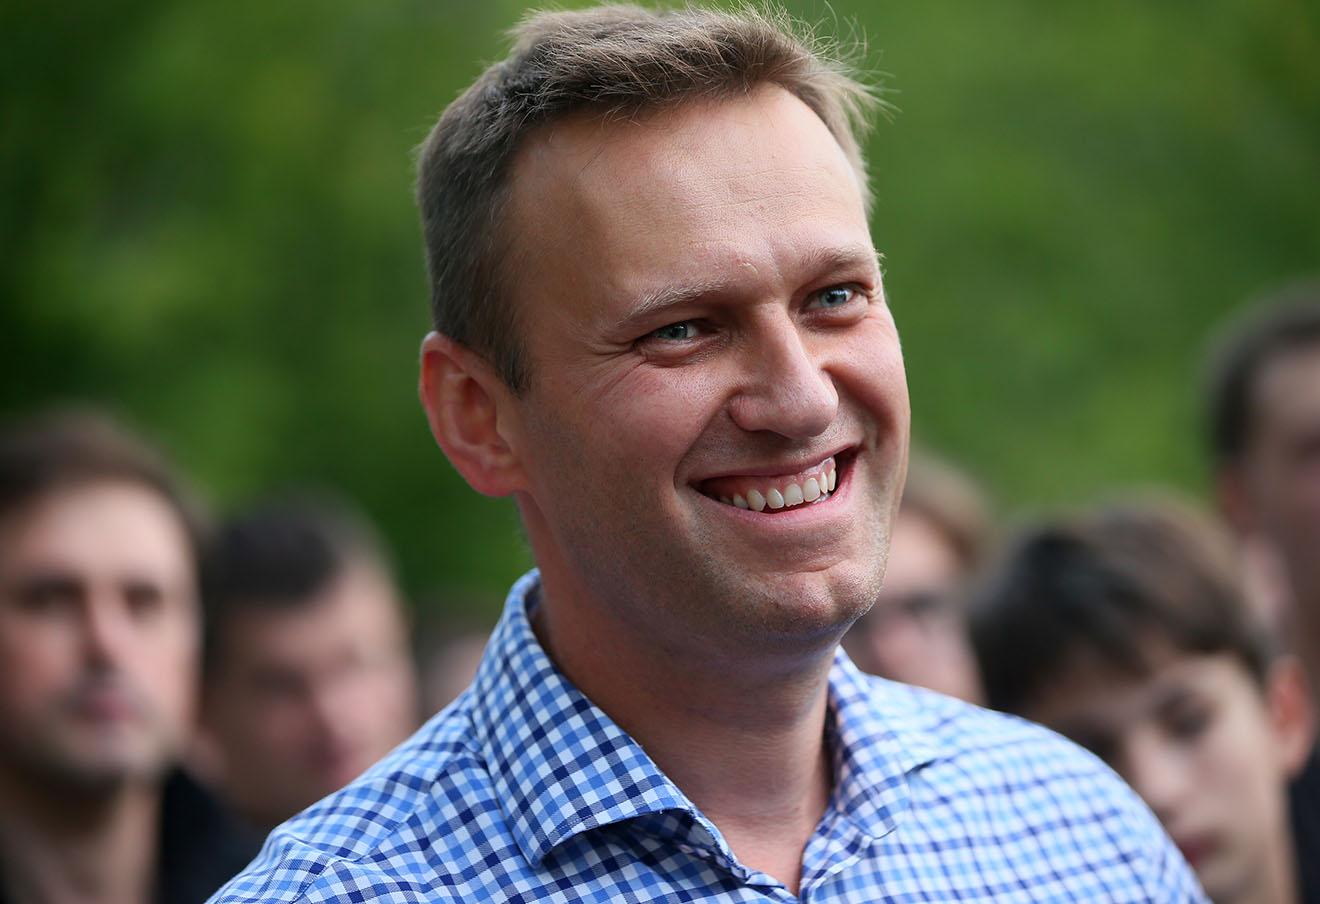 Алексей Навальный на митинге против «пакета Яровой» в Москве. Фото: Дмитрий Серебряков / ТАСС